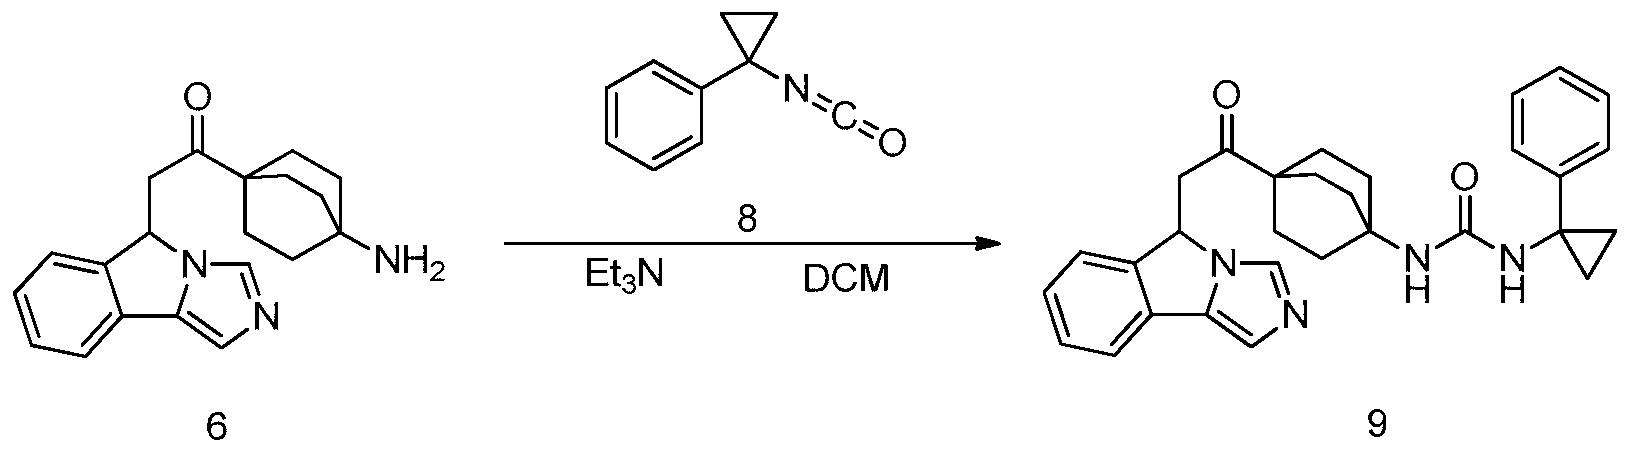 Figure PCTCN2017084604-appb-000177